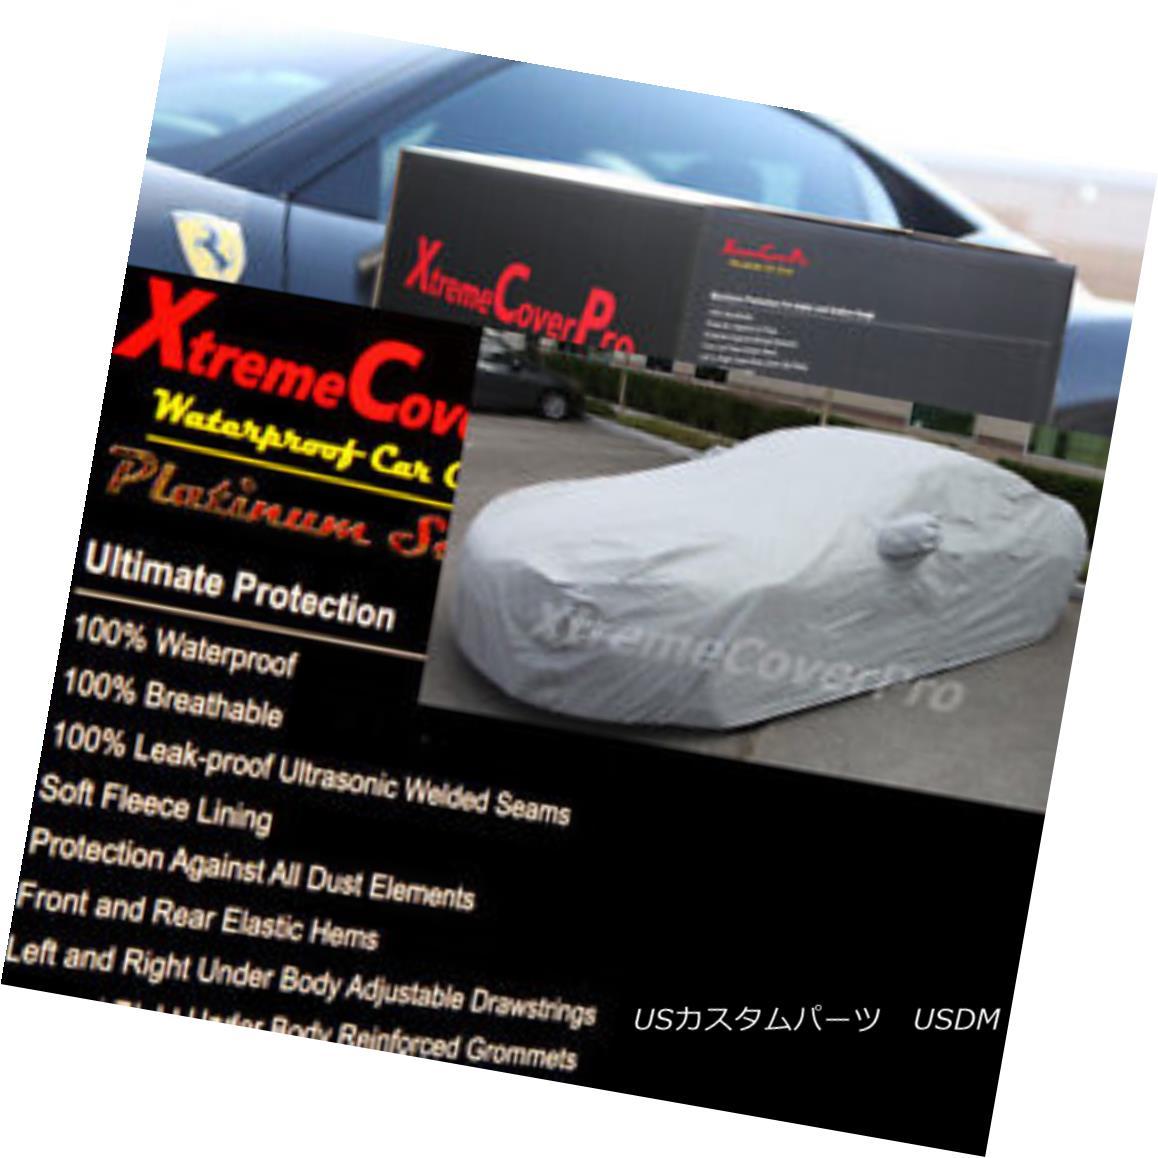 カーカバー 1992 1993 1994 Oldsmobile Cutlass Supreme Waterproof Car Cover w/MirrorPocket 1992 1993 1994年Oldsmobile Cutlass最高防水カーカバー付きMirrorPocket